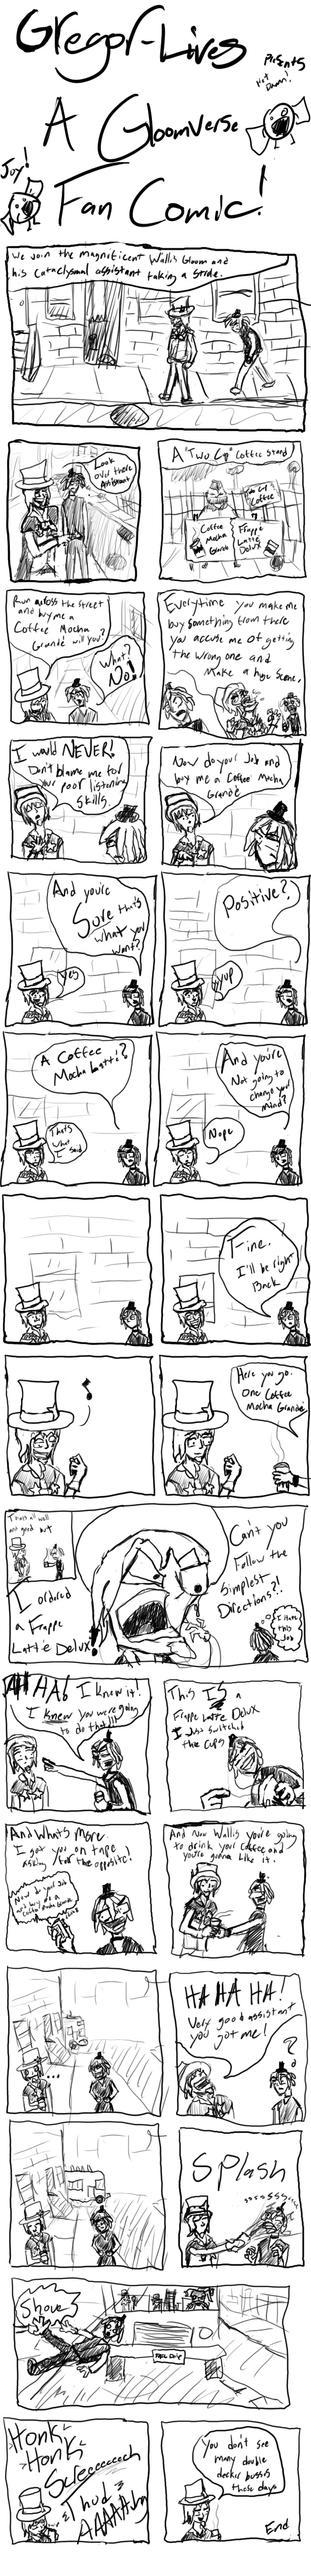 Goomverse fan comic by Gregor-Lives